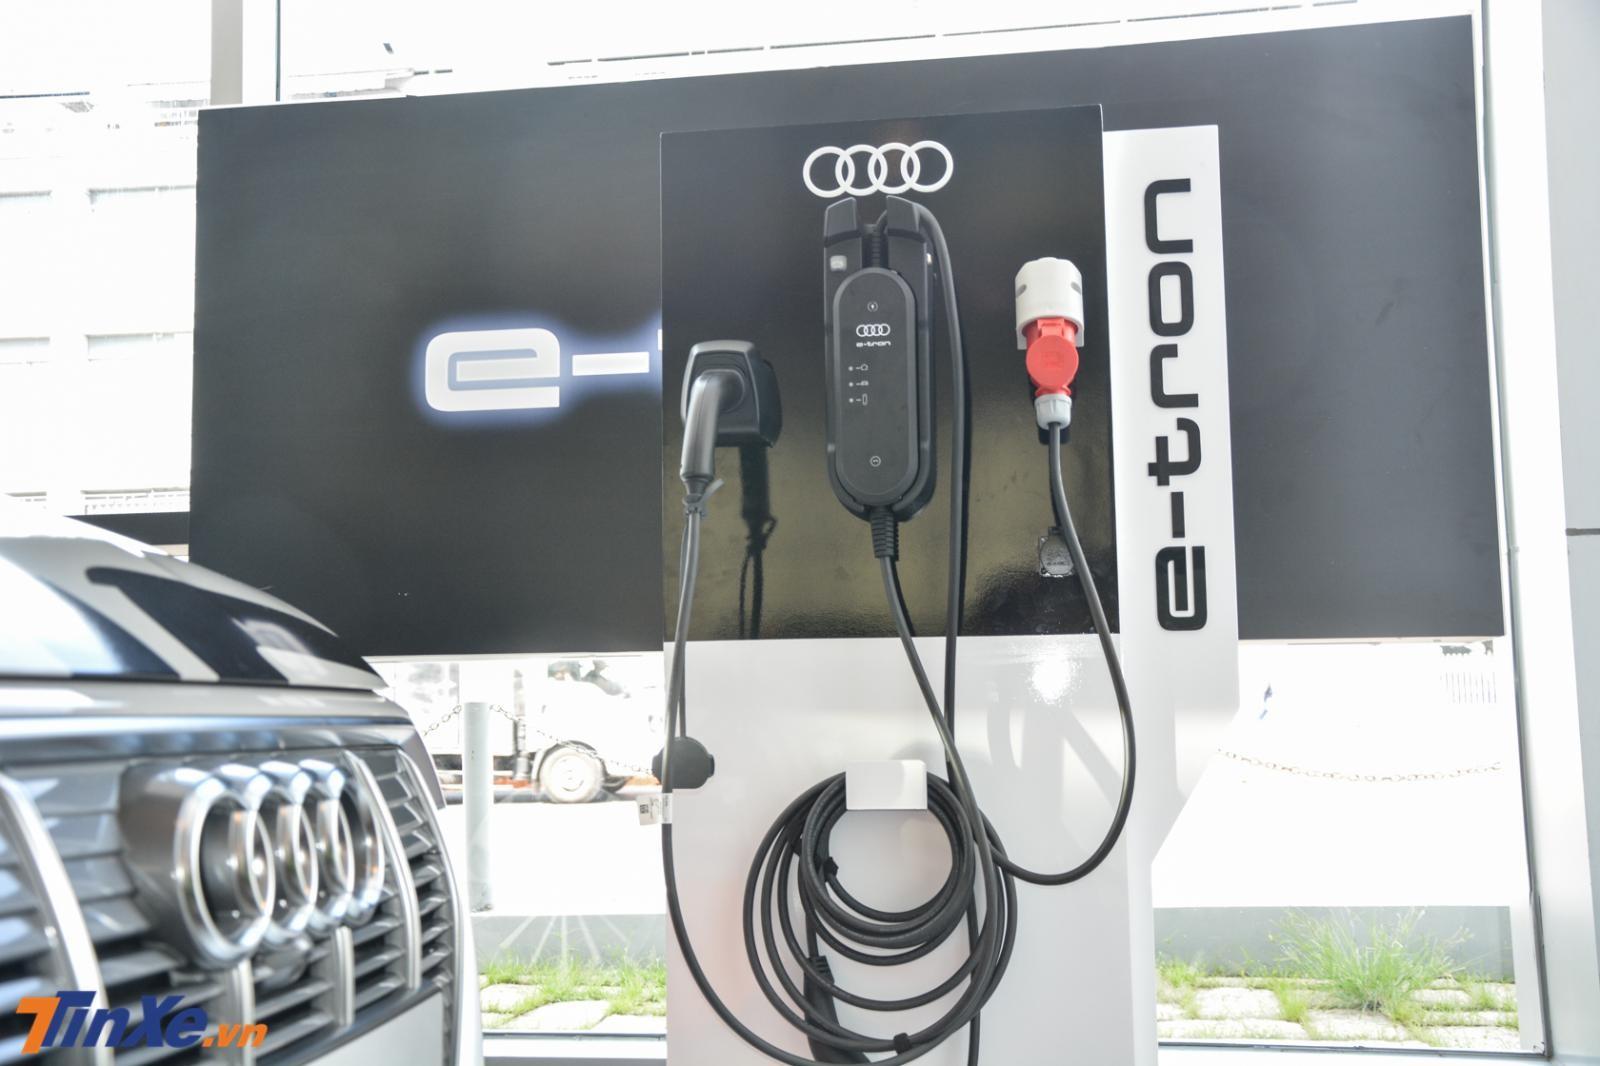 Cụm pin 95 kWh cho phép Audi e-tron 55 quattro 2019 hoàn thành quãng đường hơn 417 km